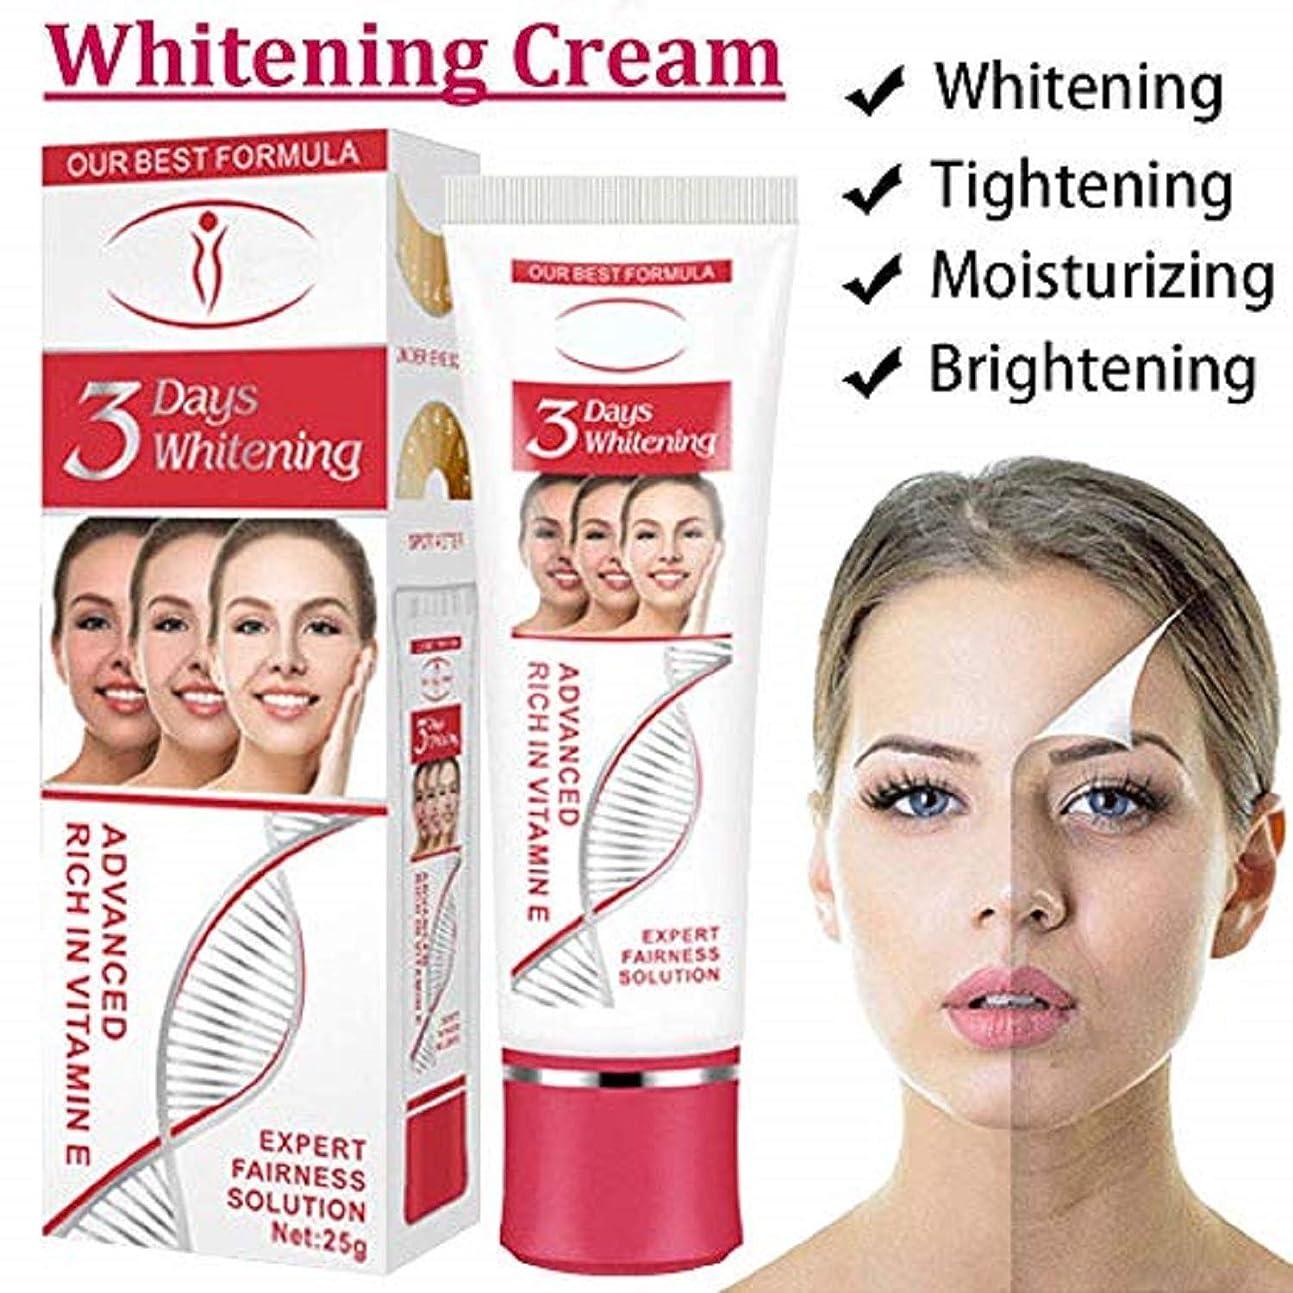 乙女開発する気候(最高の価格と品質)2本x 25g Aichun Beautyホワイトニングクリーム用ダークスキンブリーチモイスチャライジングローション用ボディフェイスネックビキニ脇の下ダークレッグニープライベートパーツ)) (Best price and quality) 2pcs X 25g Aichun Beauty Whitening Cream for Dark Skin Bleaching Moisturizing Lotion For Body Face Neck Bikini Armpit Dark Legs Knees Private Parts)